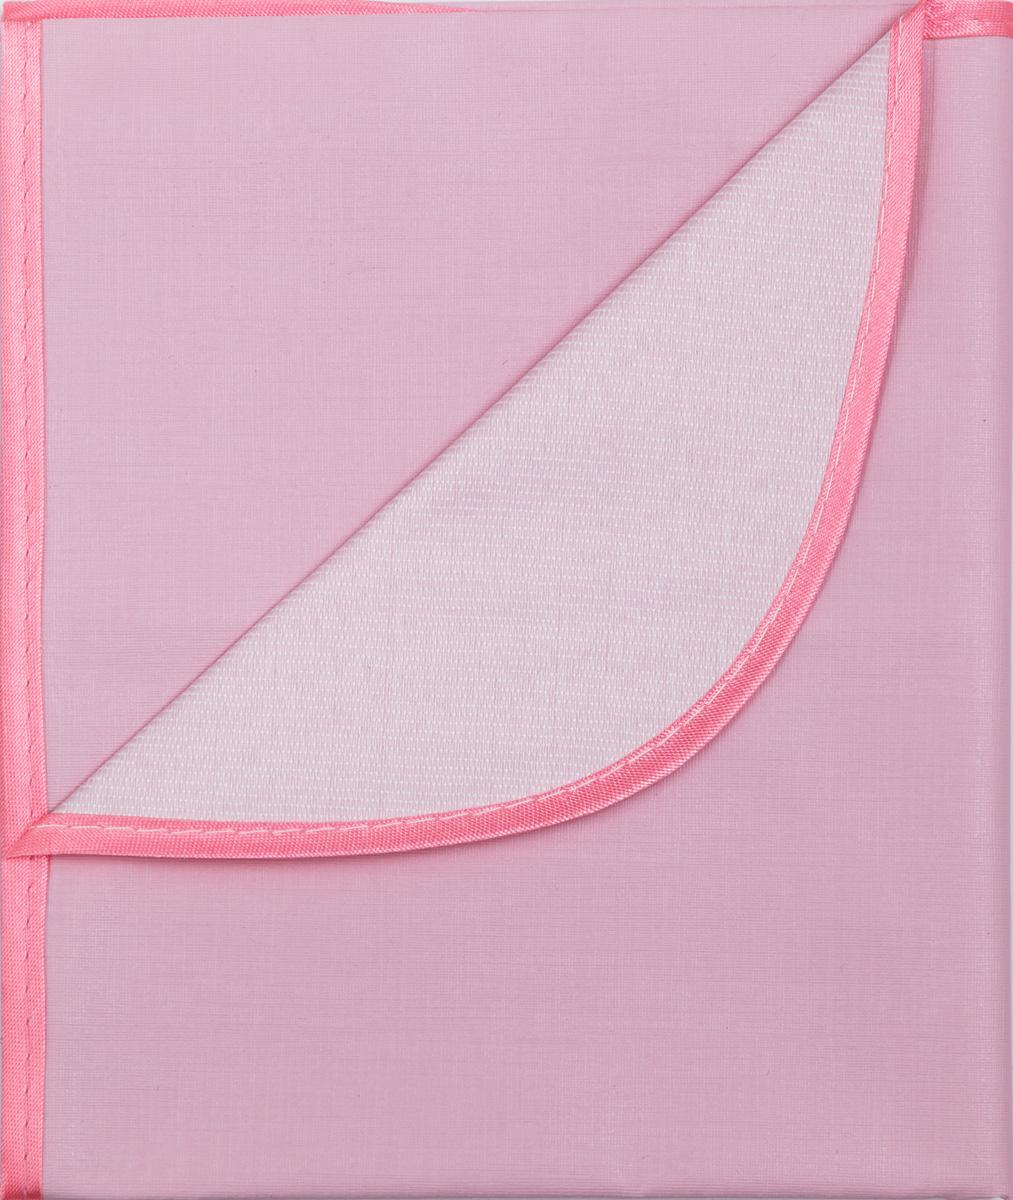 Колорит Клеенка подкладная с окантовкой цвет розовый 70 х 100 см0057_розовыйКлеенка подкладная с ПВХ покрытием Колорит, окантованная по краям тесьмой, предназначена для санитарно-гигиенических целей в качестве подкладного материала в медицинской практике и в домашних условиях. ПВХ покрытие влагонепроницаемо и обладает эффектом теплоотдачи, что исключает эффект холодного прикосновения. Микропористая структура поливинилхлоридного покрытия способствует профилактике пролежней и трофических проявлений. Клеенка окантована текстильной тесьмой, что помогает надолго сохранить опрятный внешний вид.